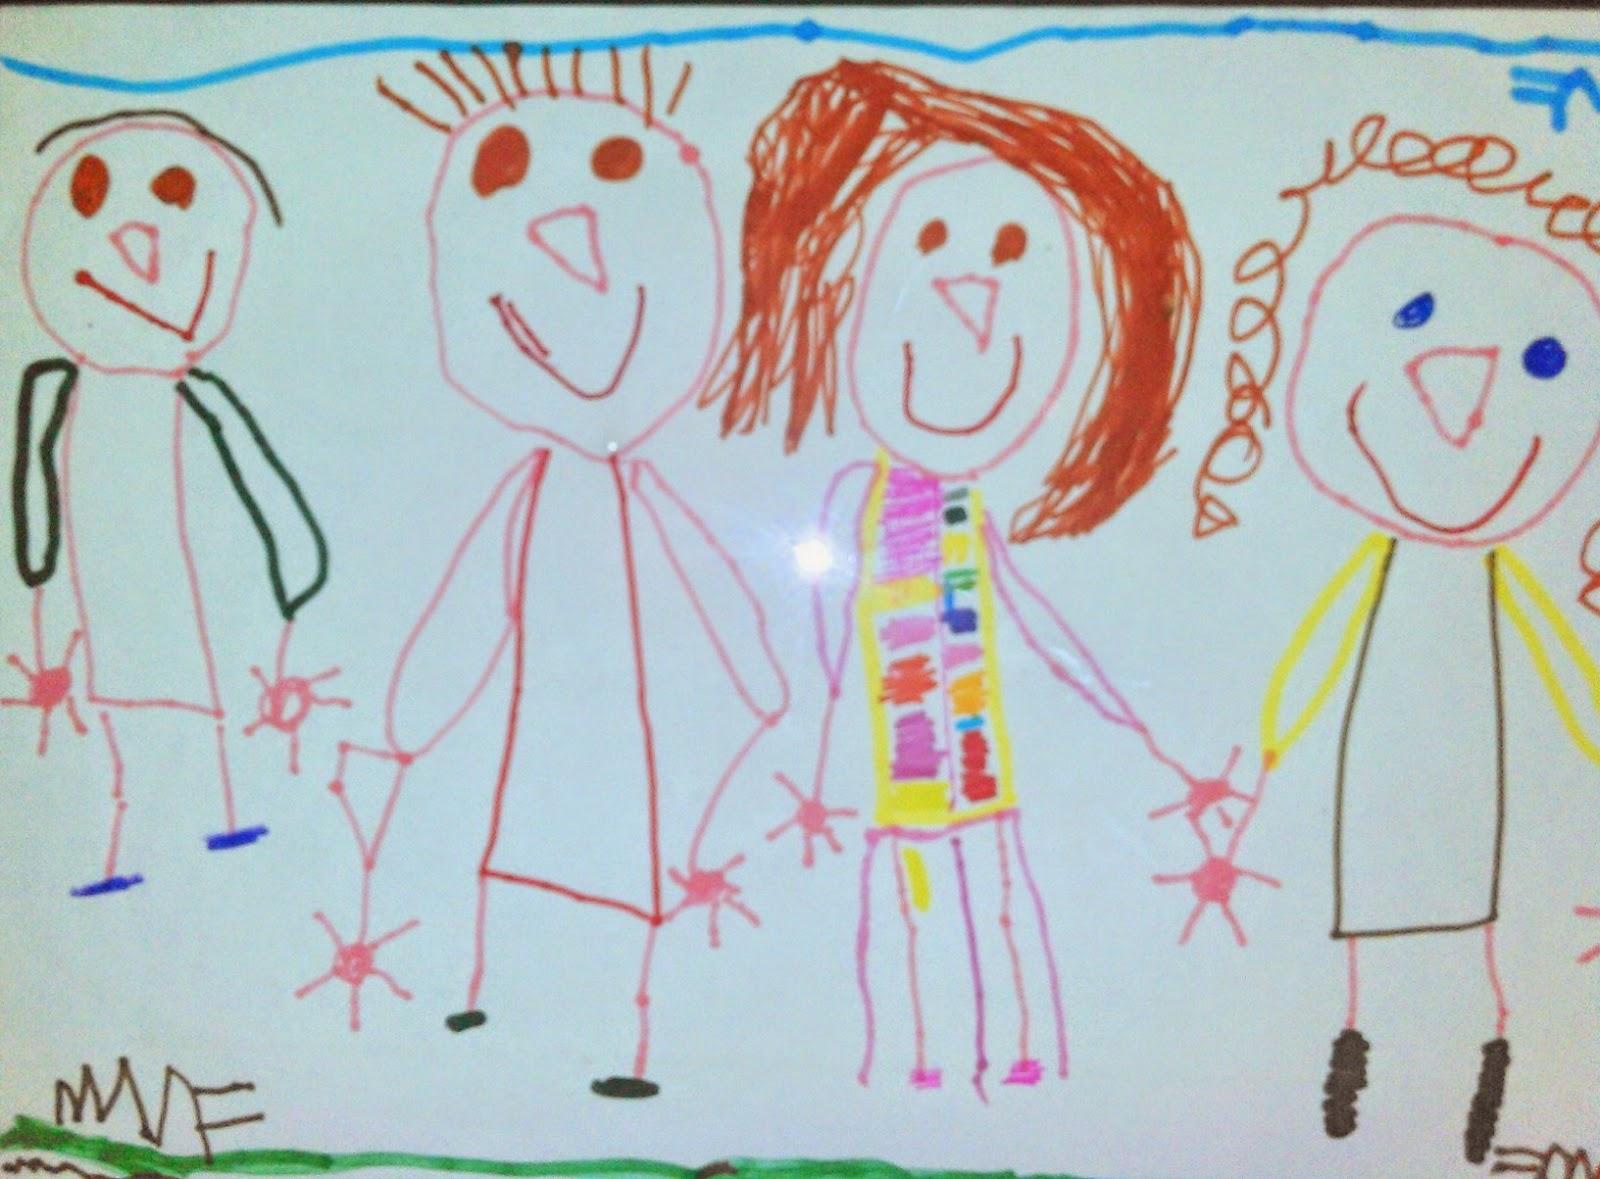 Disegno Di Un Bambino : La psicologia con i bambini: interpretazione del disegno della famiglia